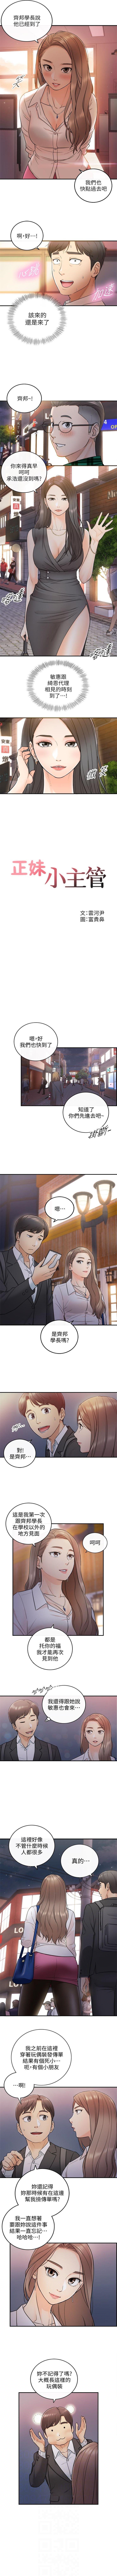 (週5)正妹小主管 1-39 中文翻譯(更新中) 77